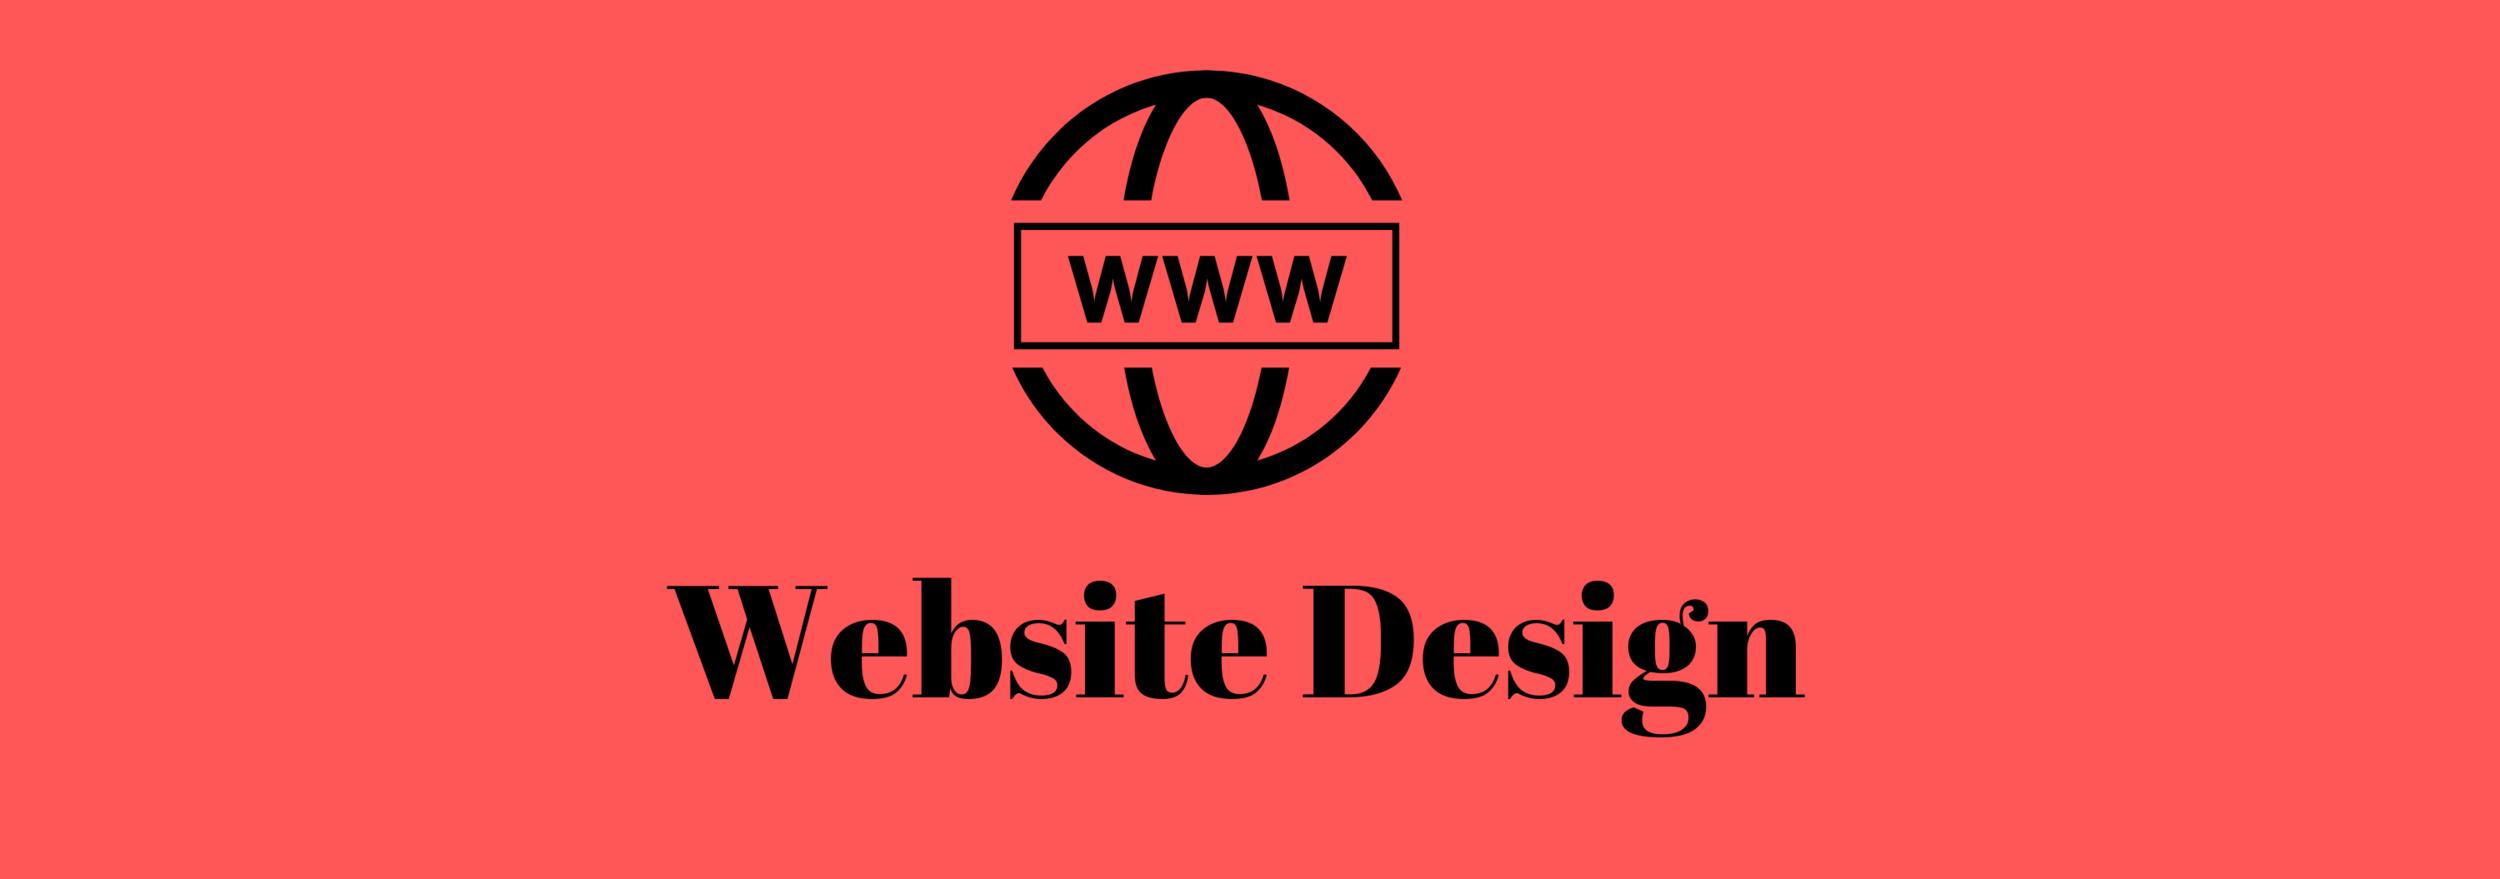 Website Design (1).png